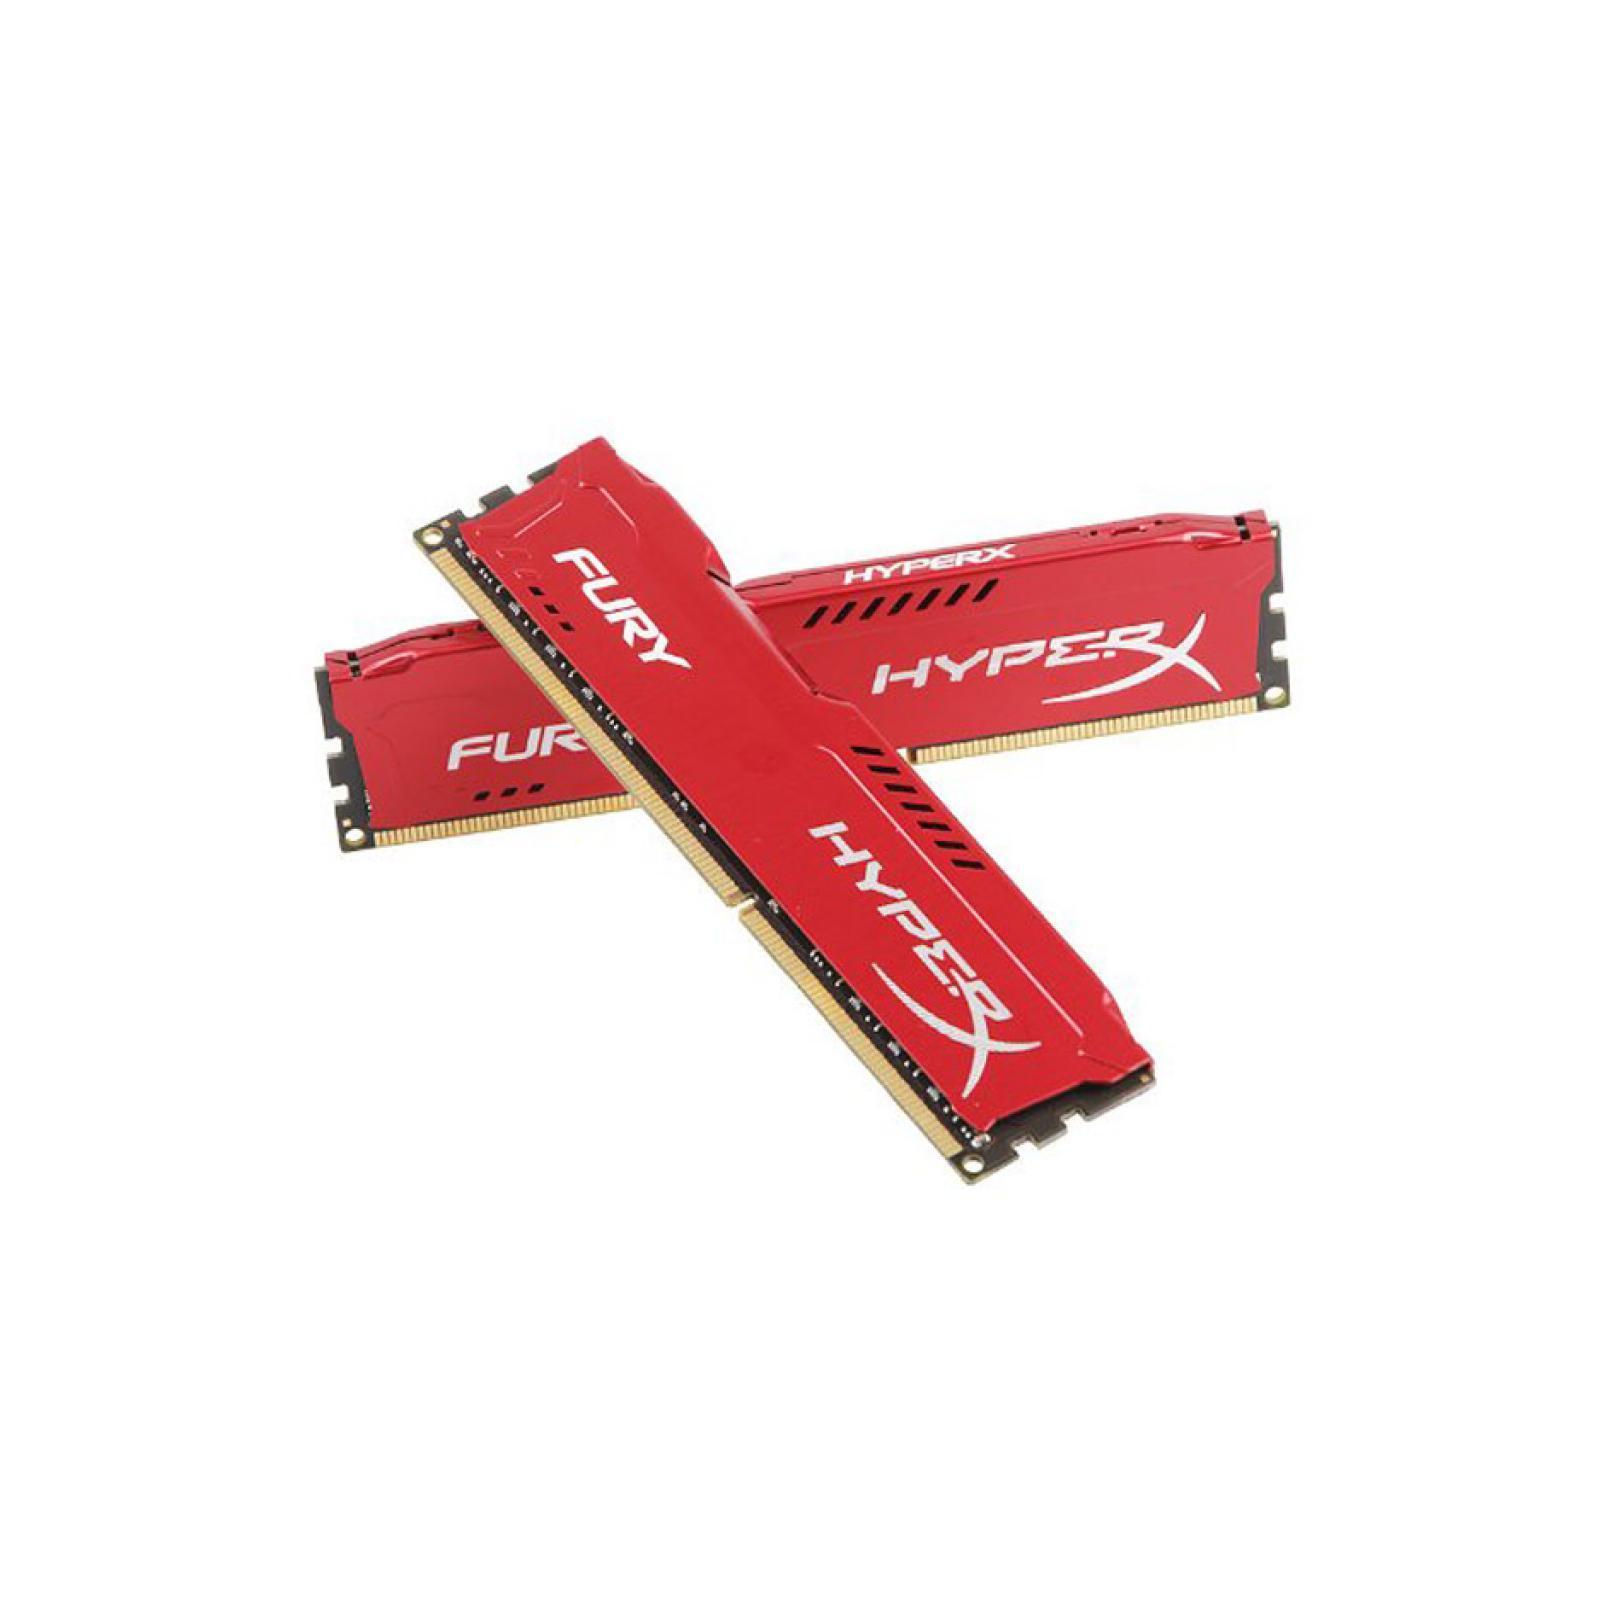 Модуль памяти для компьютера DDR4 16GB (2x8GB) 3200 MHz HyperX FURY Red HyperX (Kingston Fury) (HX432C18FR2K2/16) изображение 3